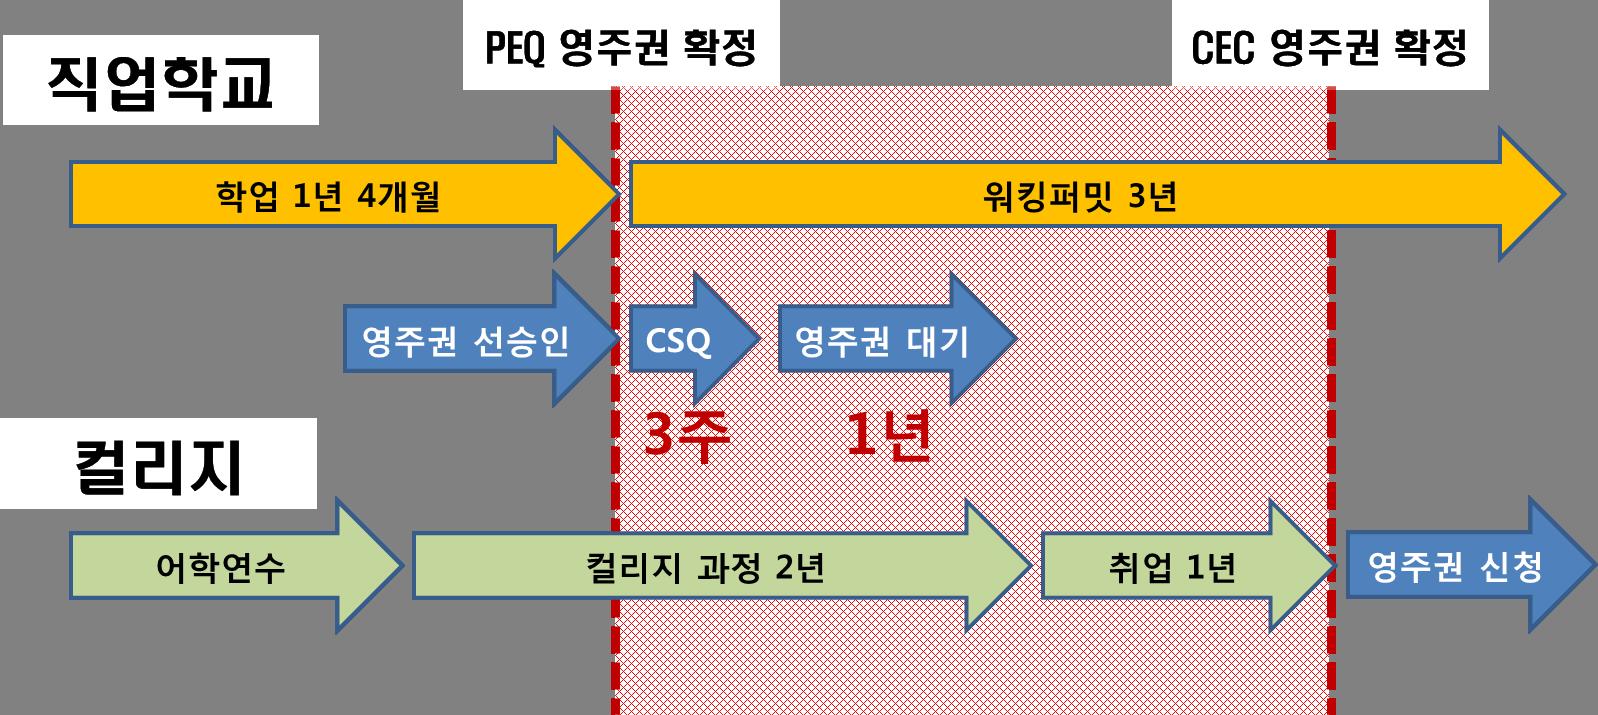 PEQ VS CEC.png